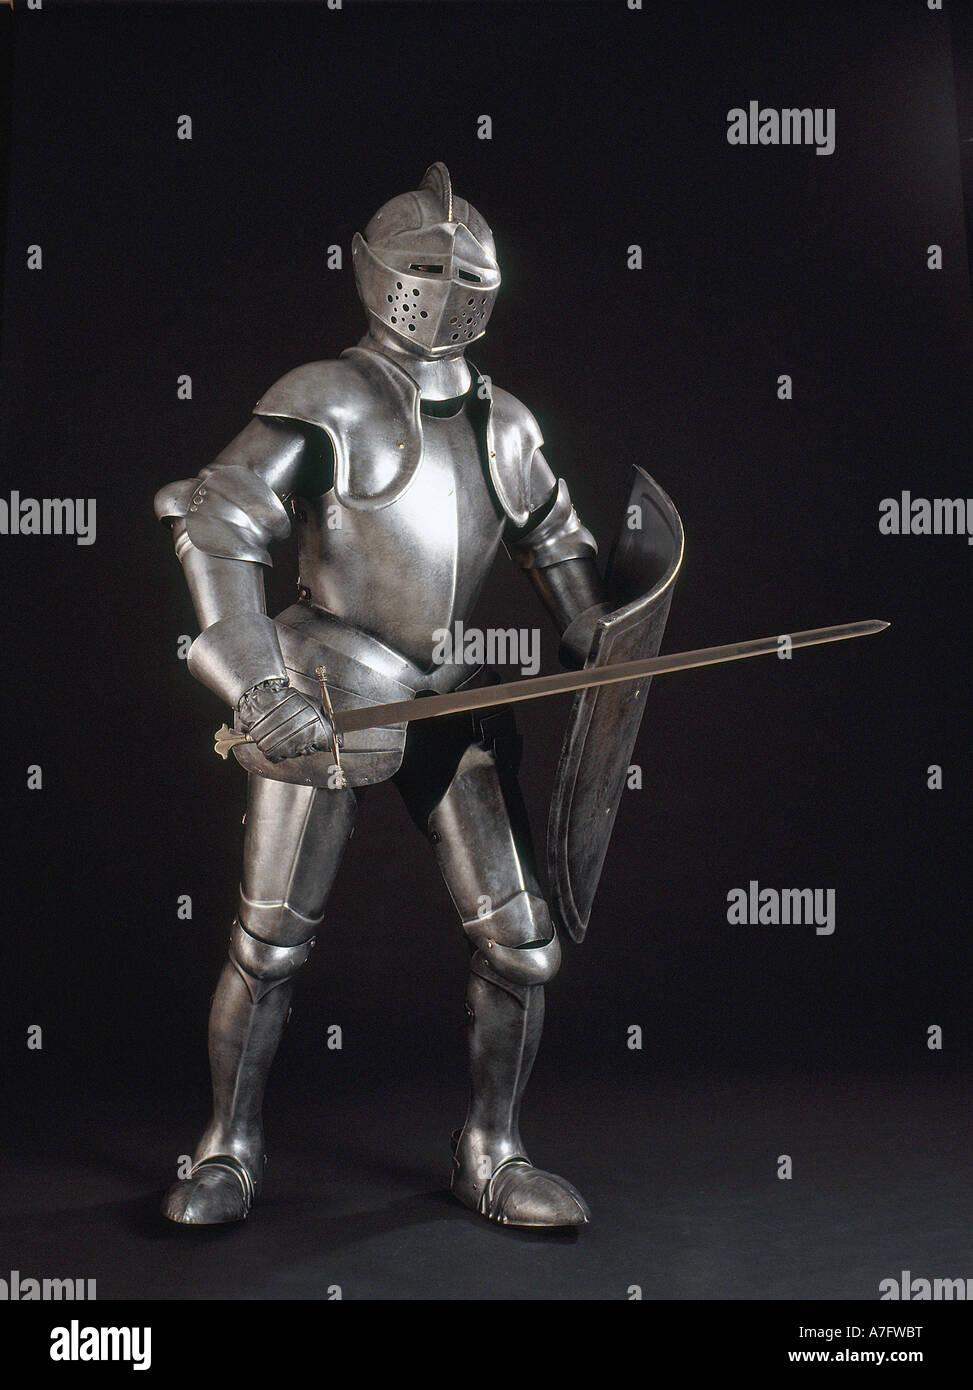 Cavaliere in armatura lucente verticale Immagini Stock